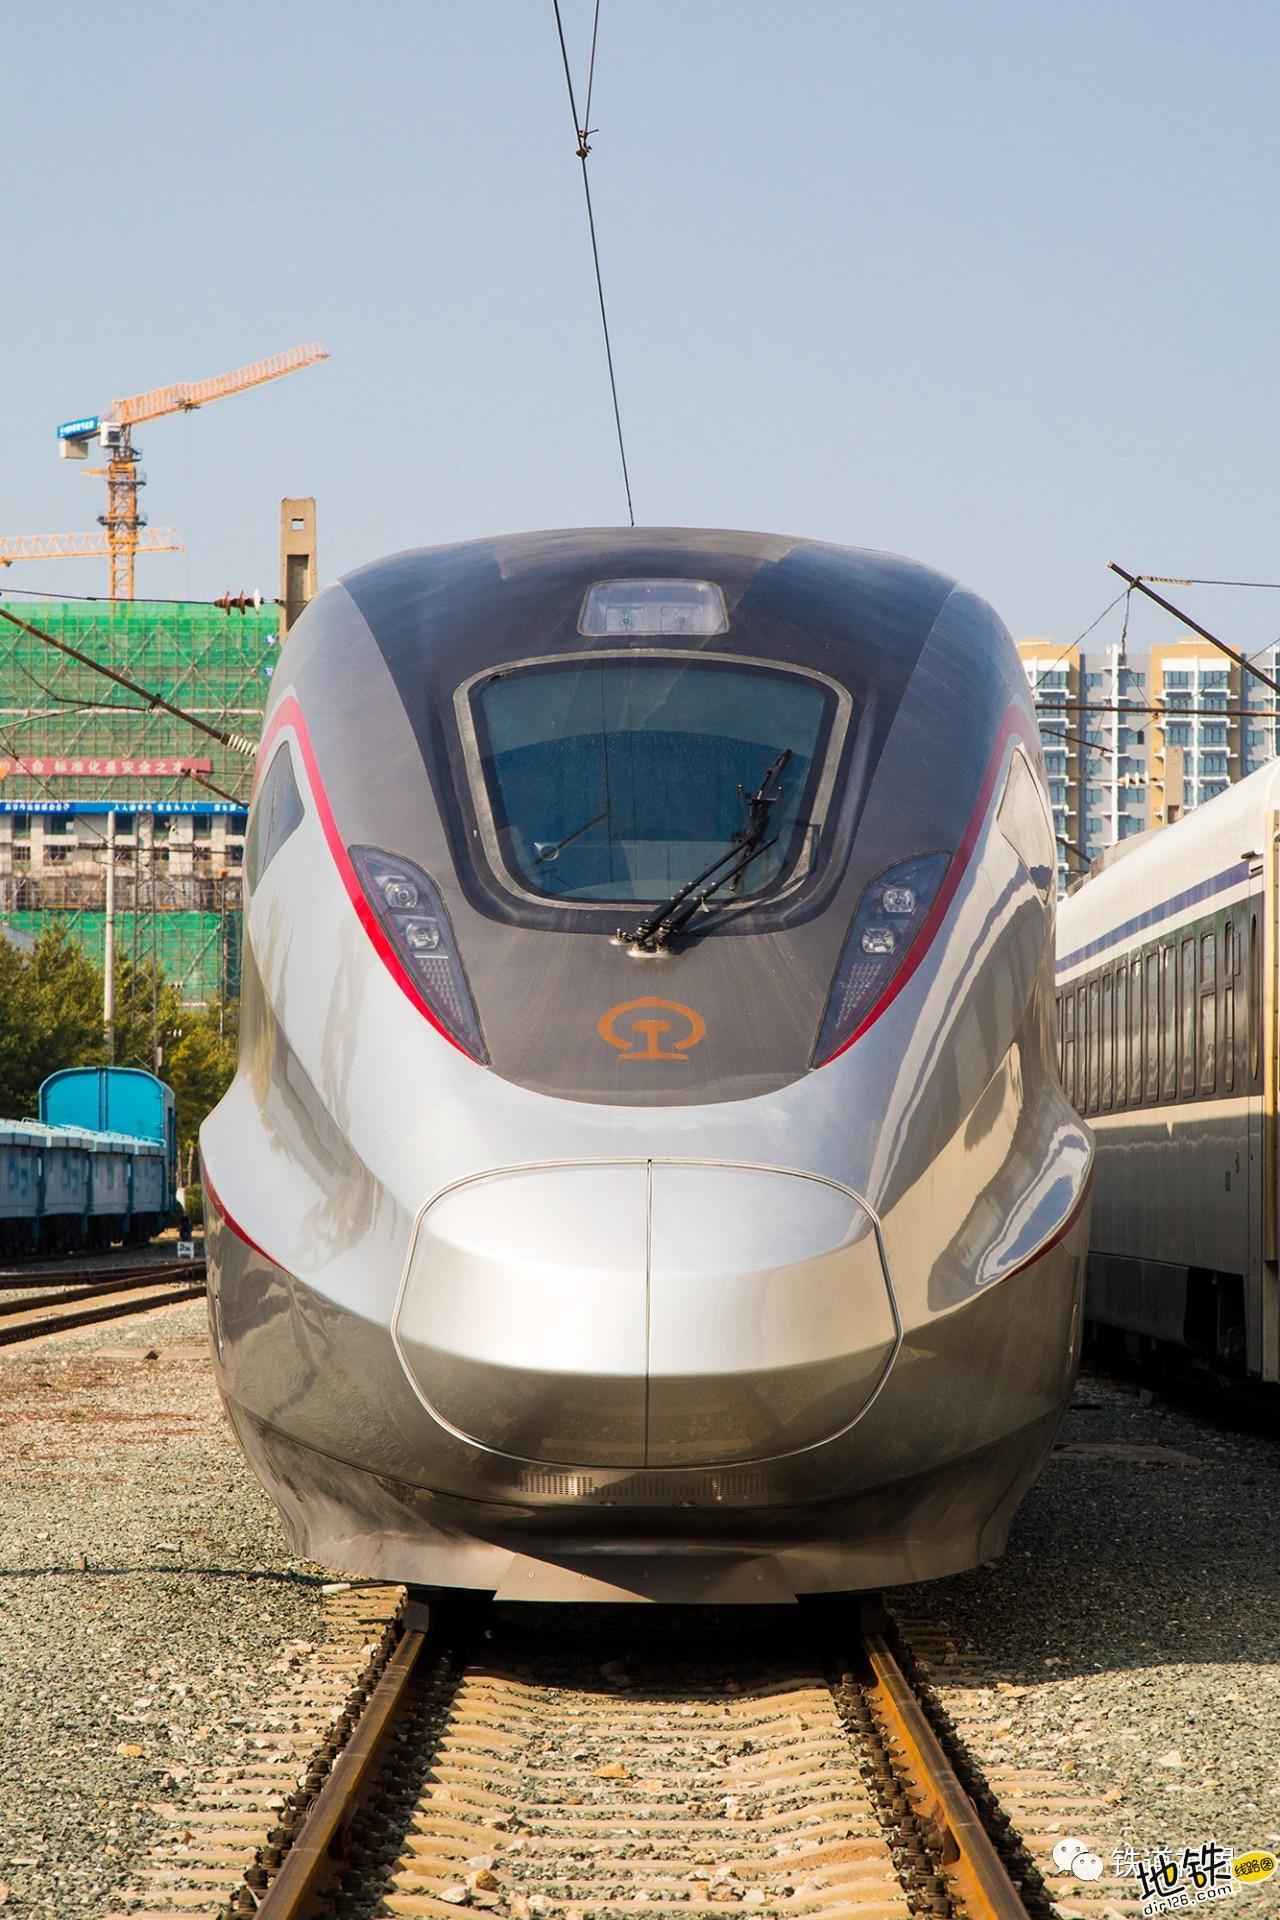 新车速递 CR300AF帅酷高清大图 转向架 动车组 中车 复兴号 CR300AF 轨道动态  第6张